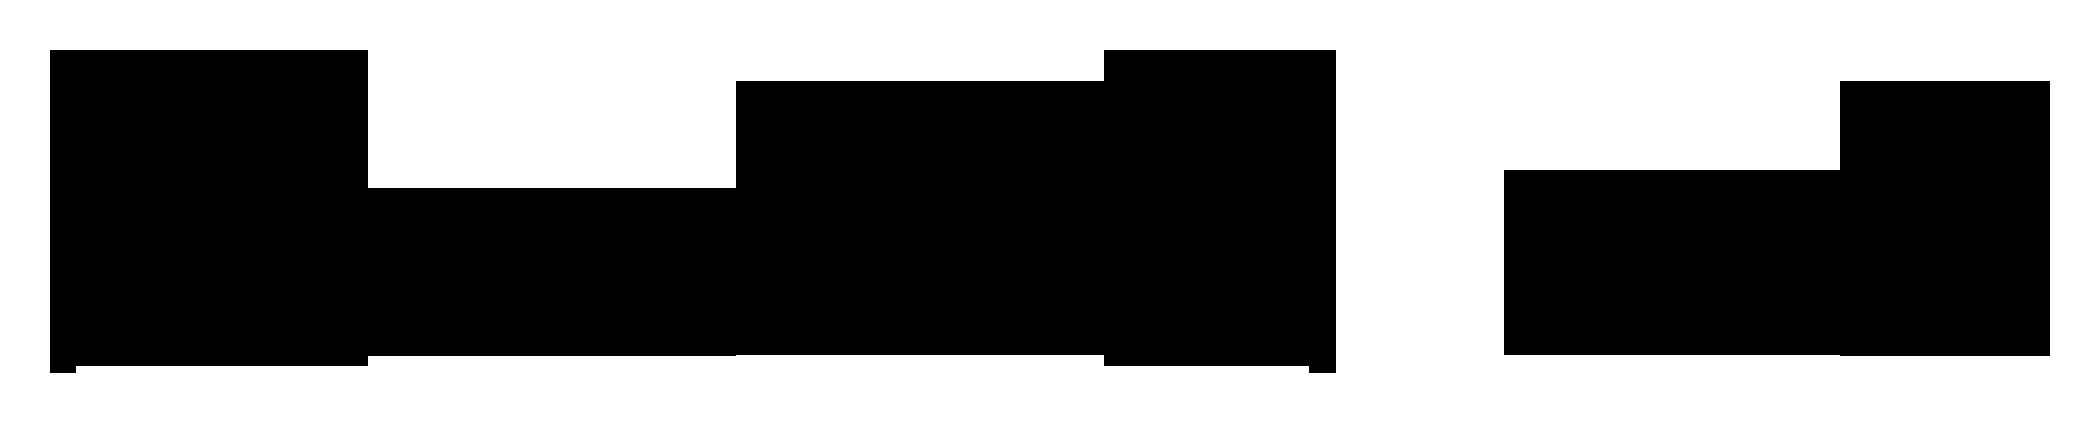 upload.wikimedia.org